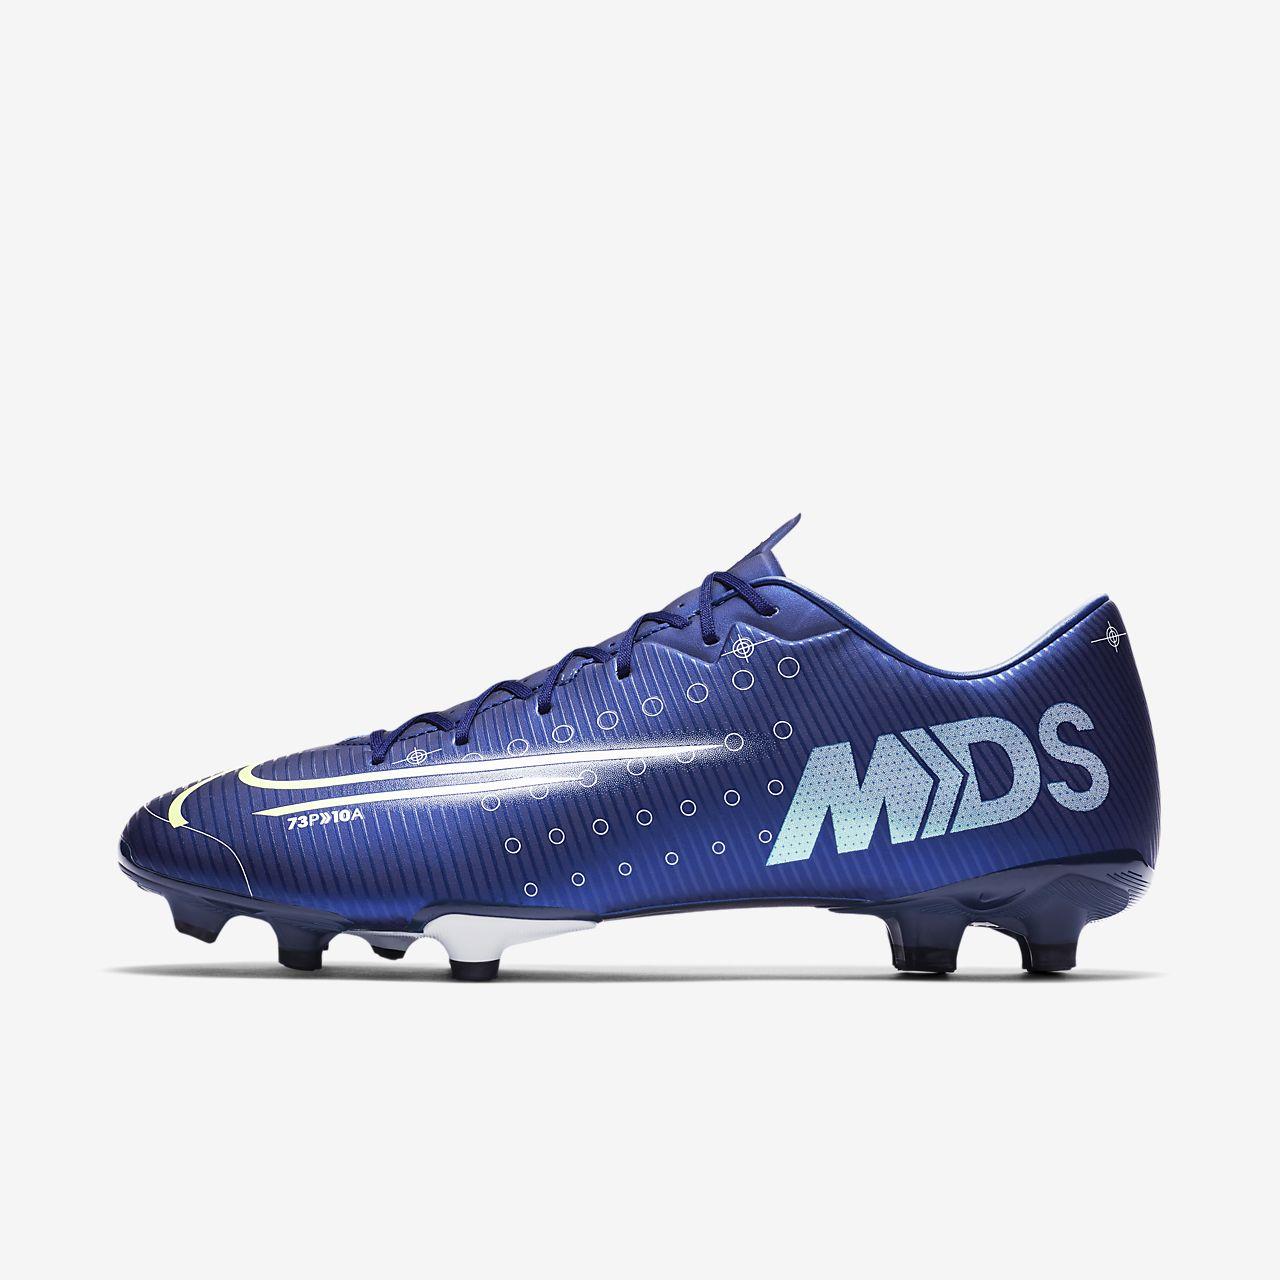 Nike Mercurial Vapor 13 Academy MDS MG Fußballschuh für verschiedene Böden